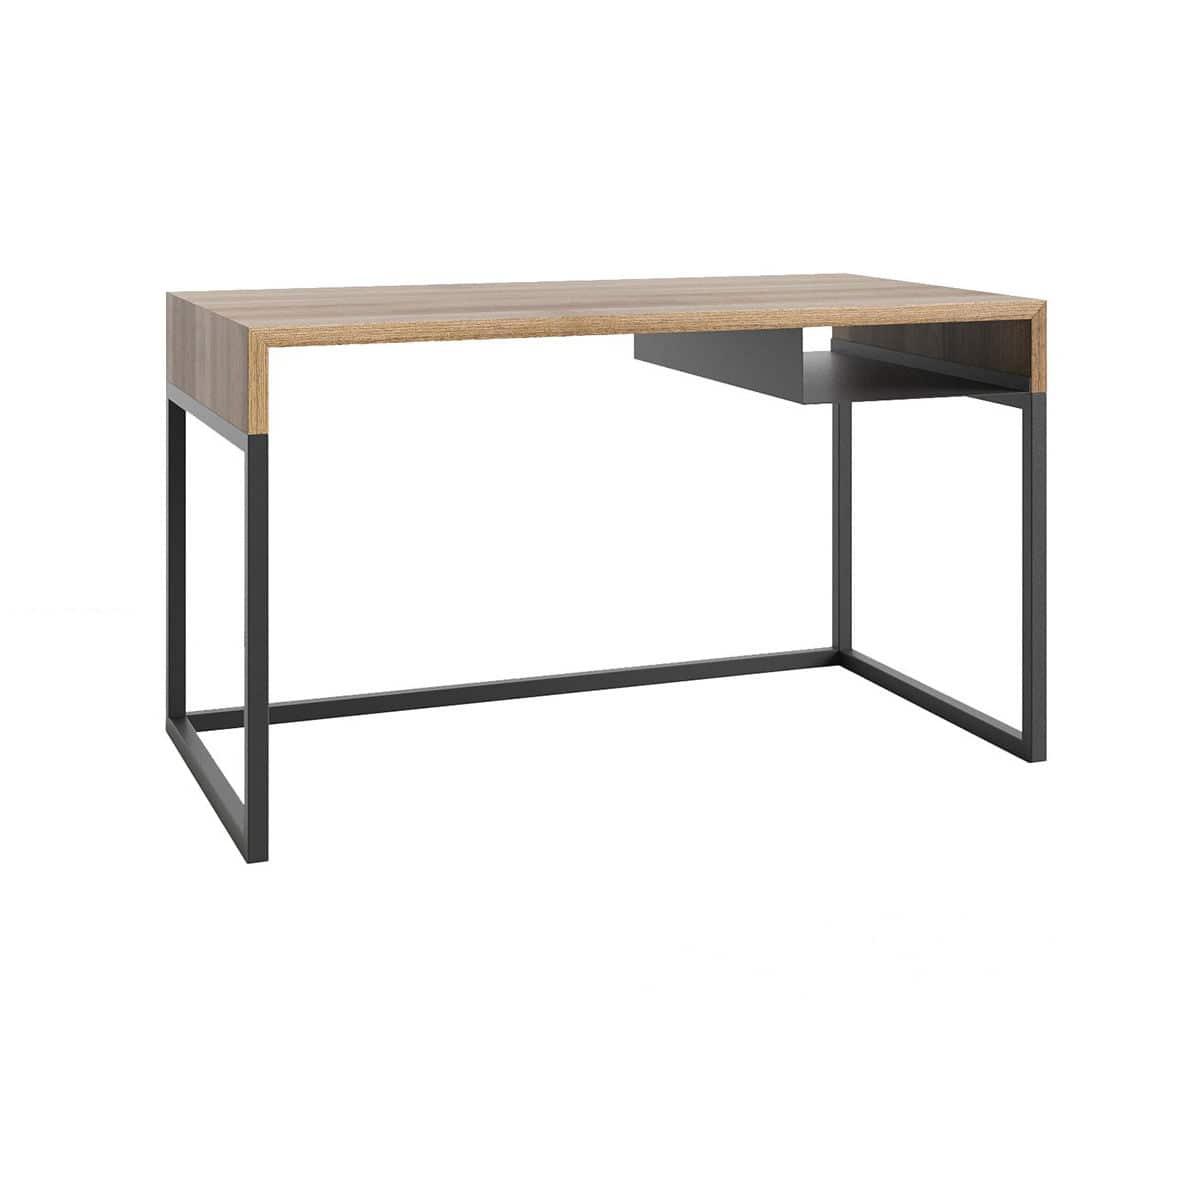 Schreibtisch aus Eiche / Stahl / Skandinavisches Design - WOODBOX by ...